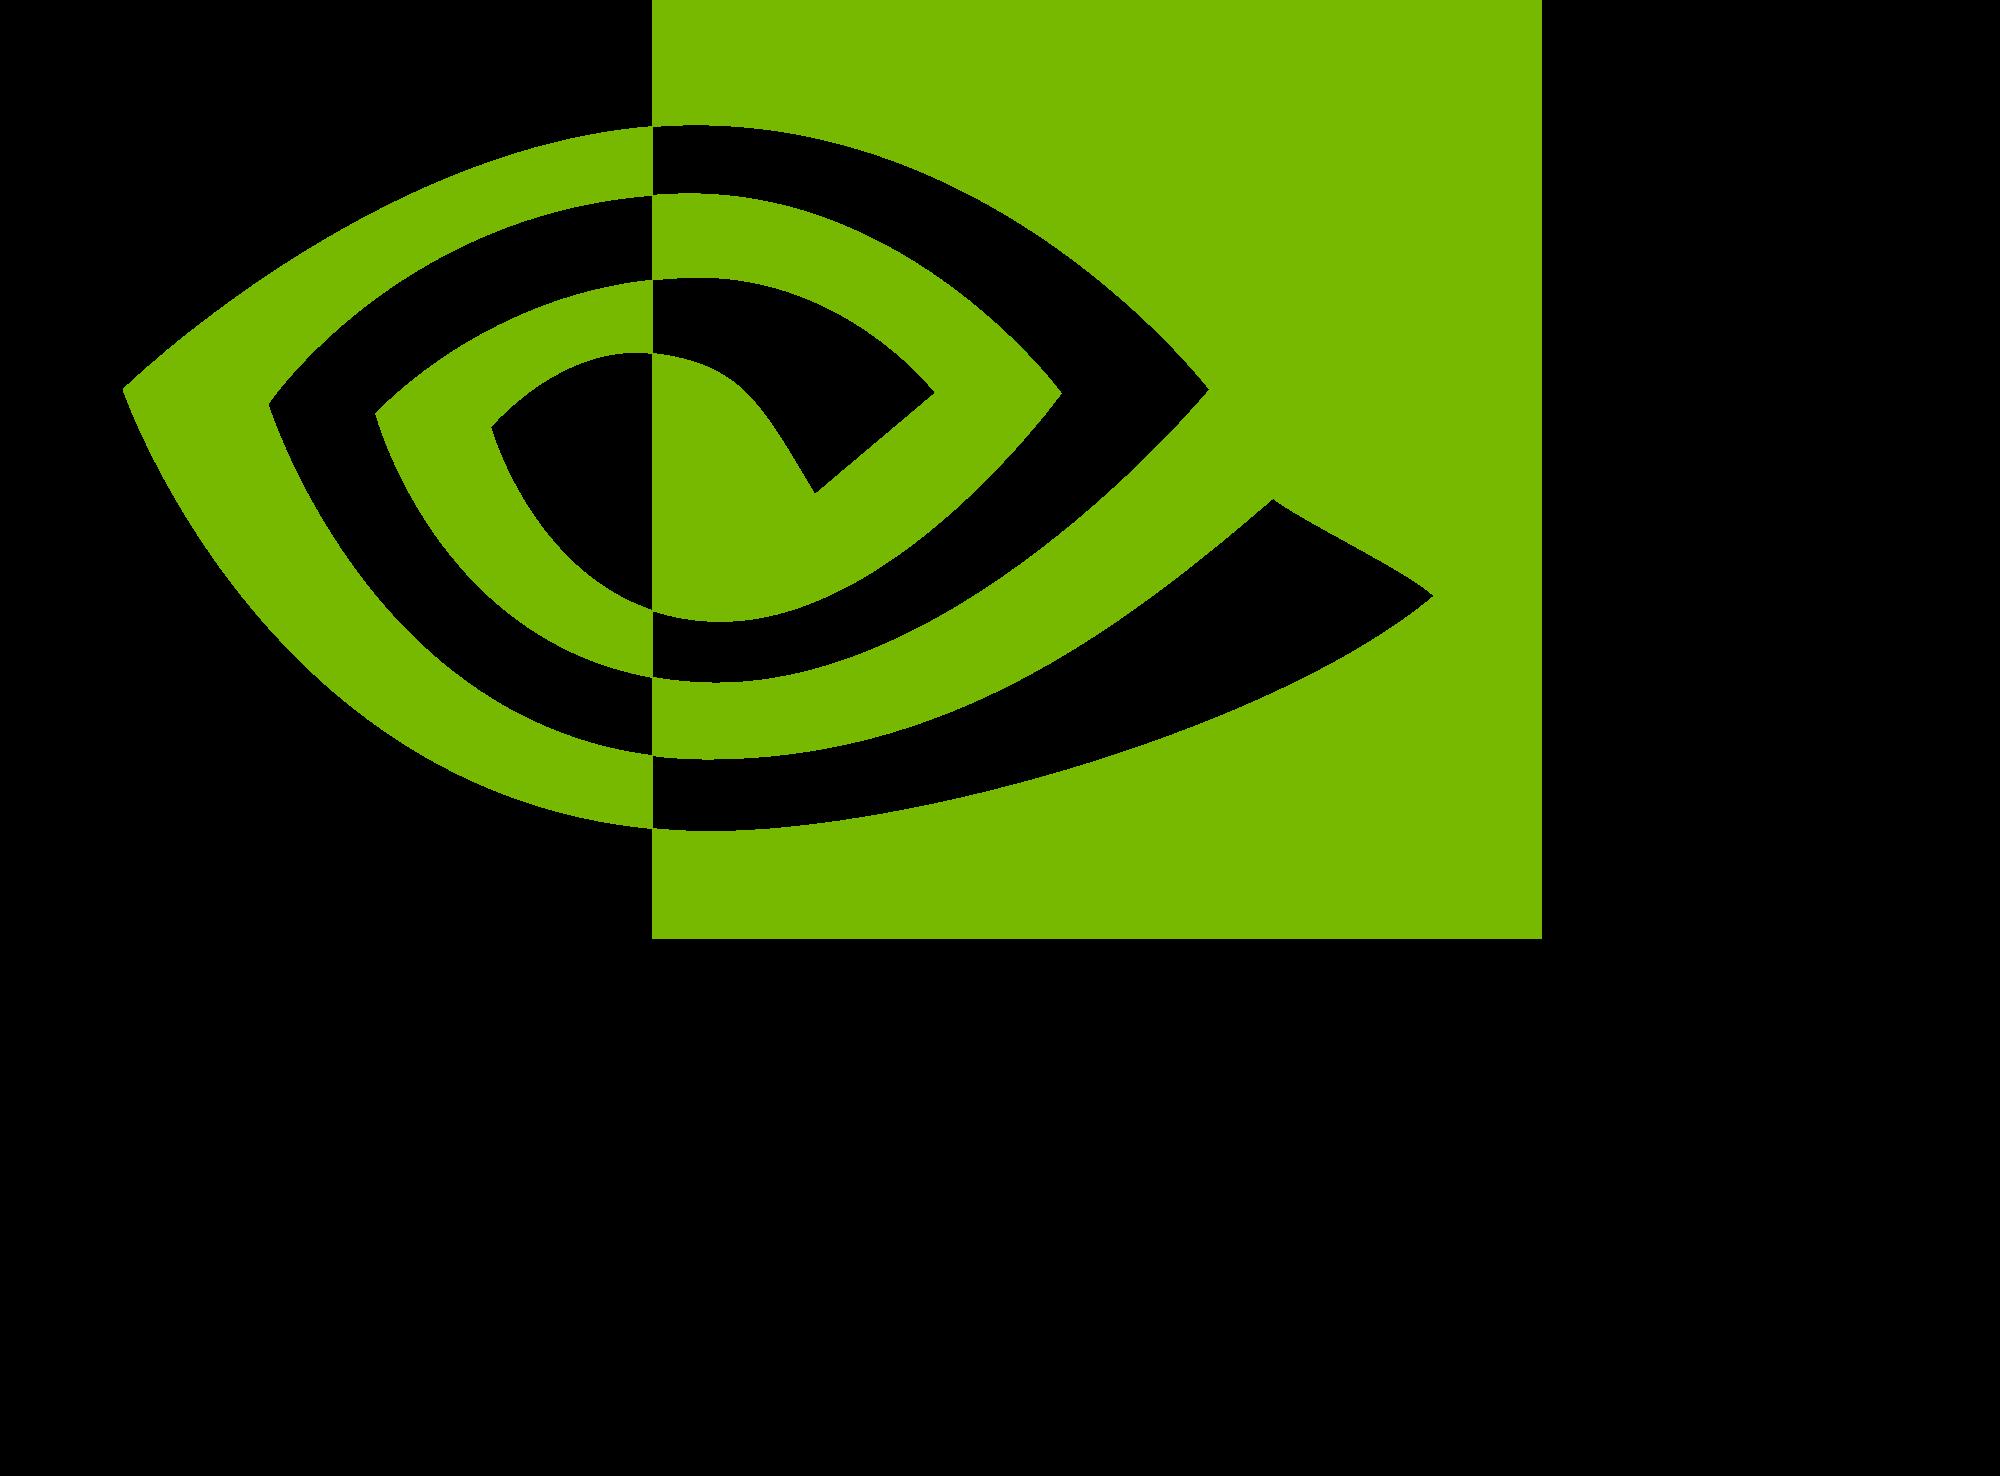 Nvidia logo.png - Nvidia PNG